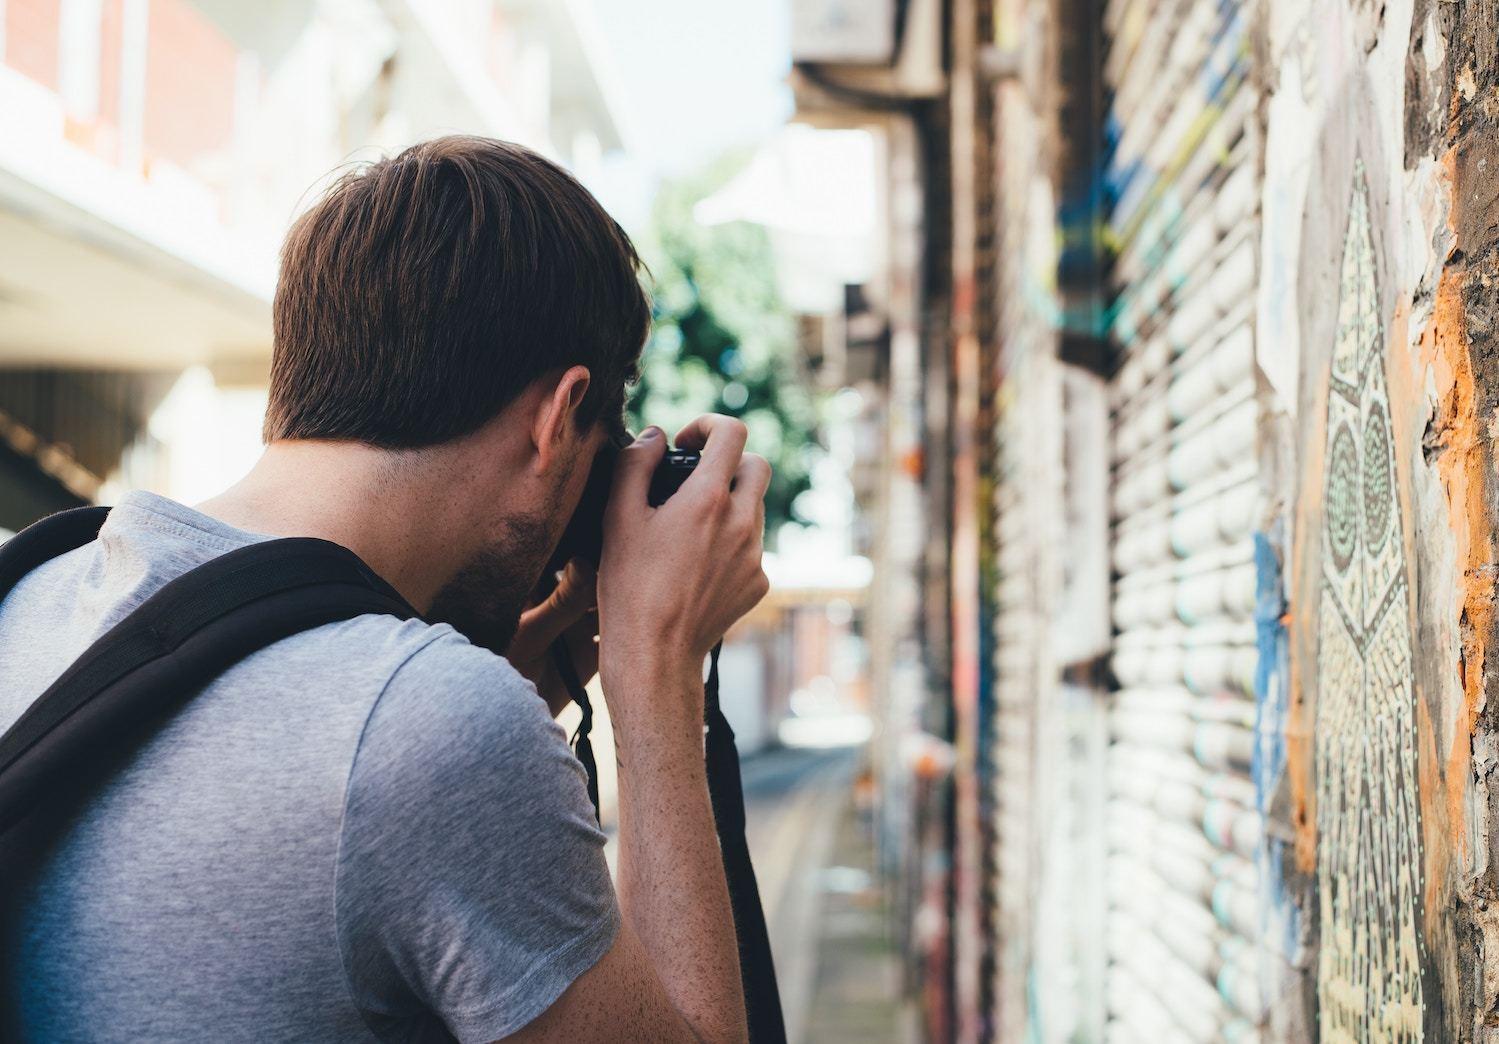 Man takes photo of street art